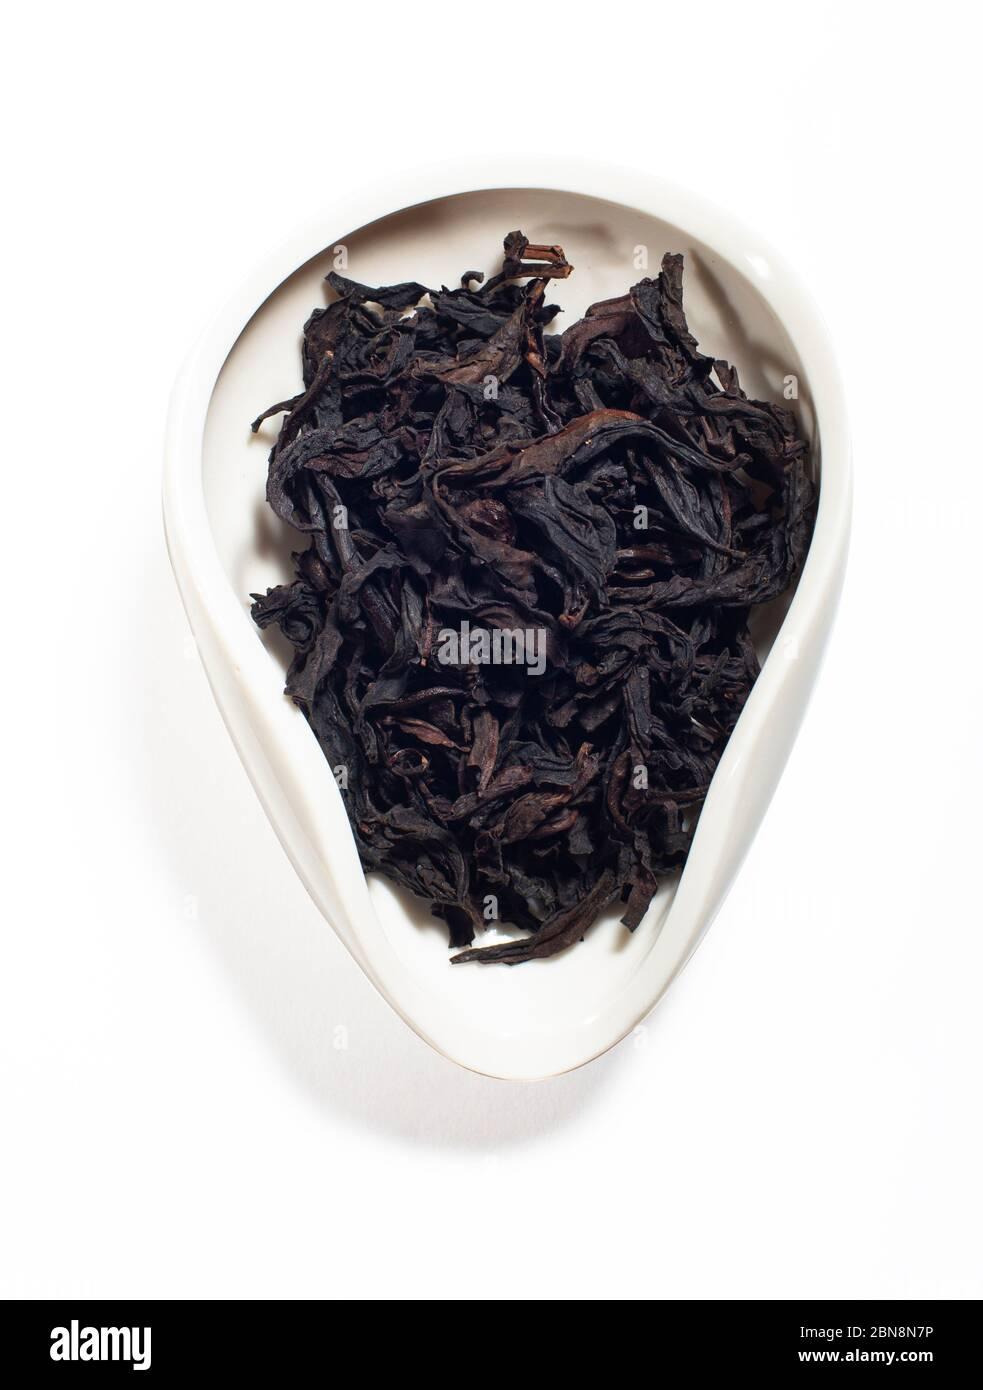 Da Hong Pao Big Red Robe Wuyi Shan asado té ooloong en el tazón de té aislado Foto de stock